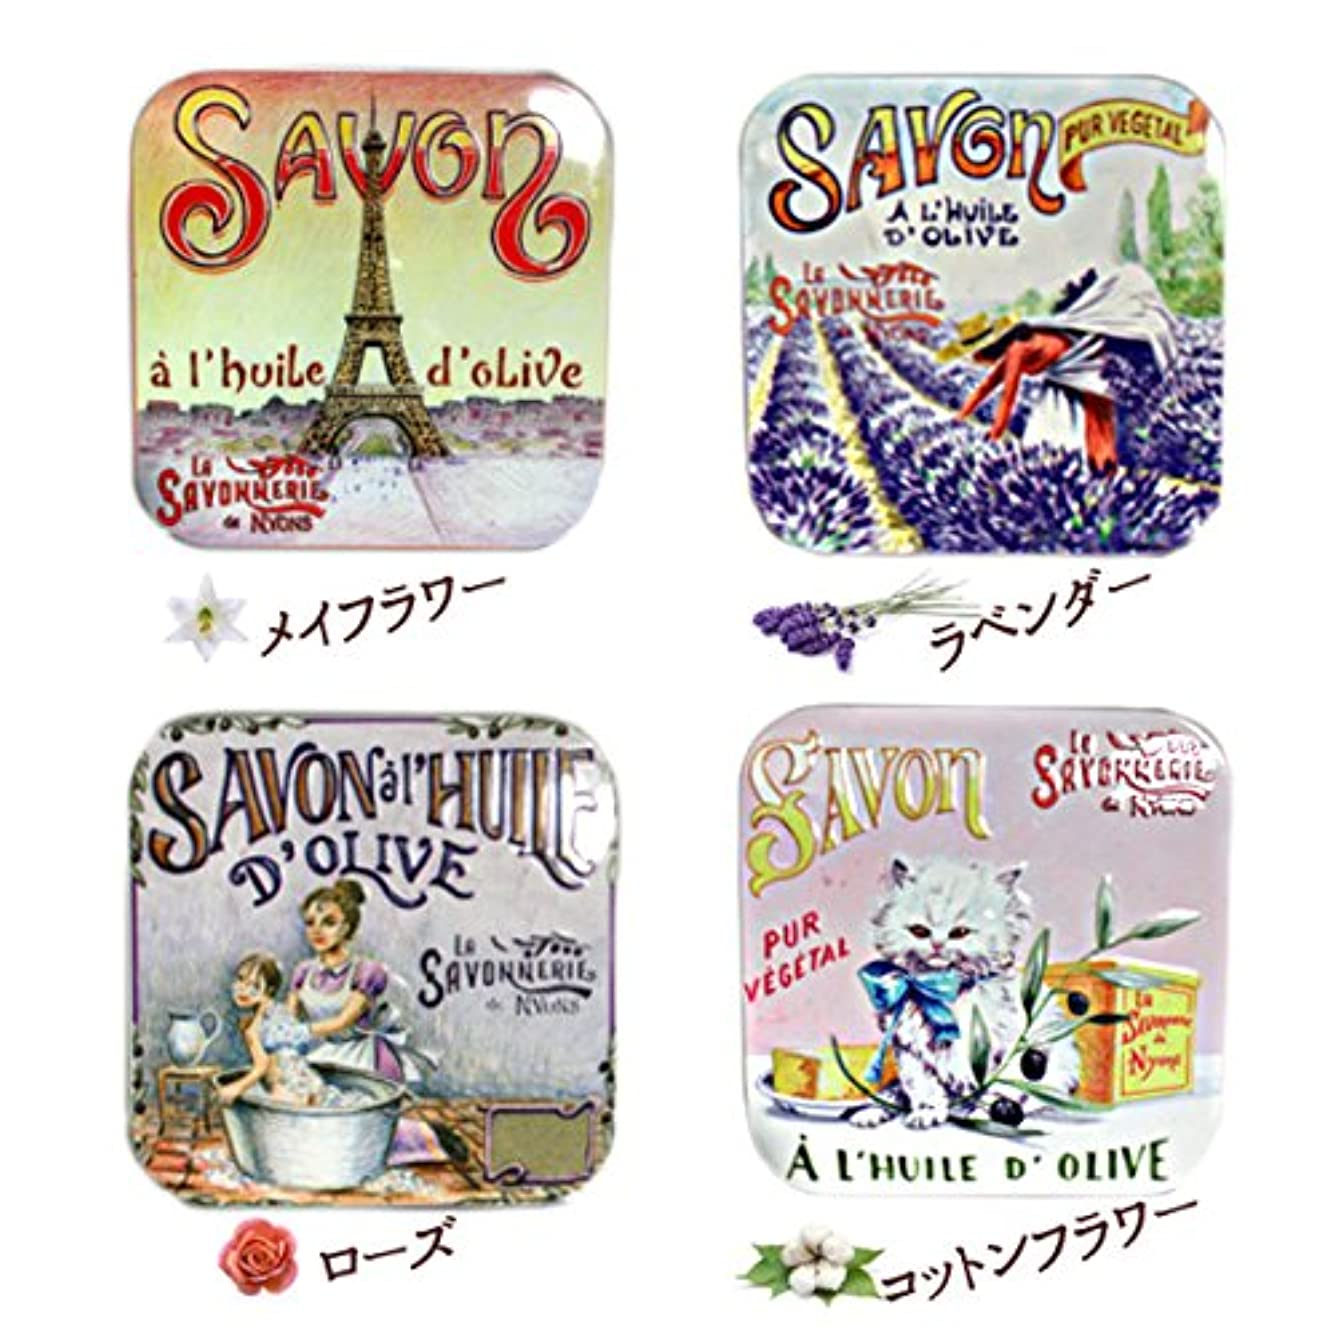 勝利石の正確さラサボネリー アンティーク缶入り石鹸 タイプ100 95g (ローズ)